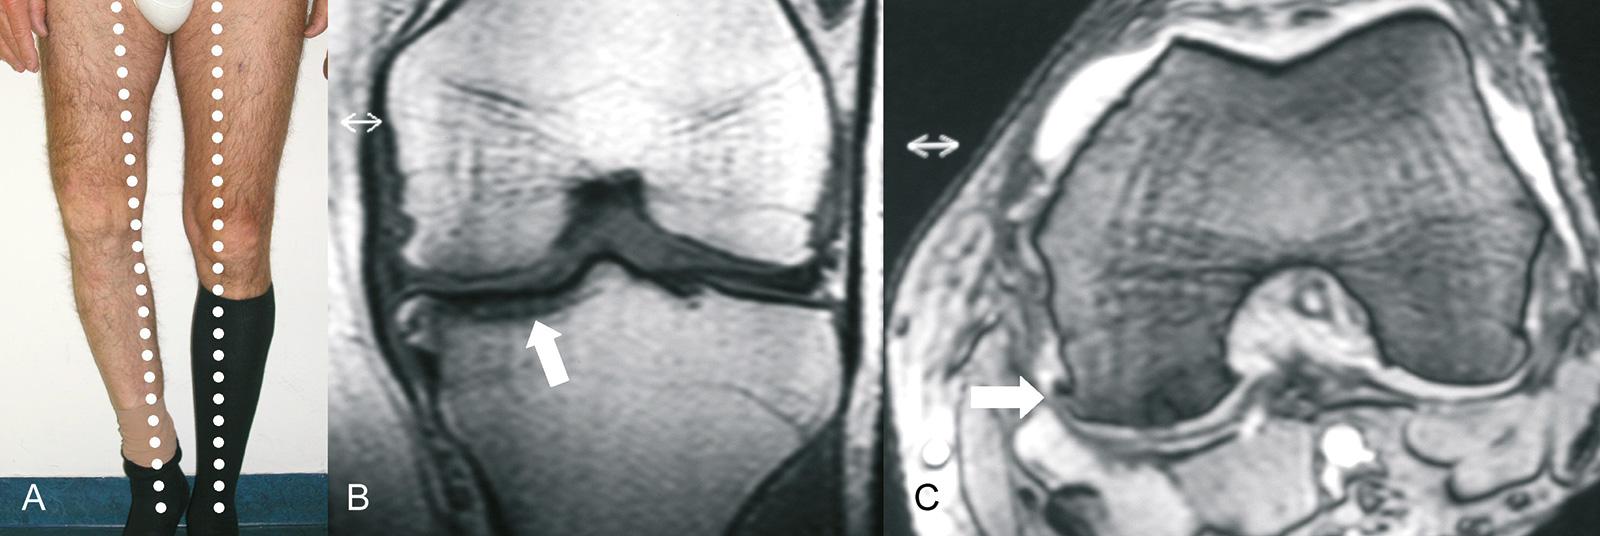 Abb. 1-31: Varusgonarthrose rechts (A), degenerative Veränderungen (Arthrose) im MRT (B,C)